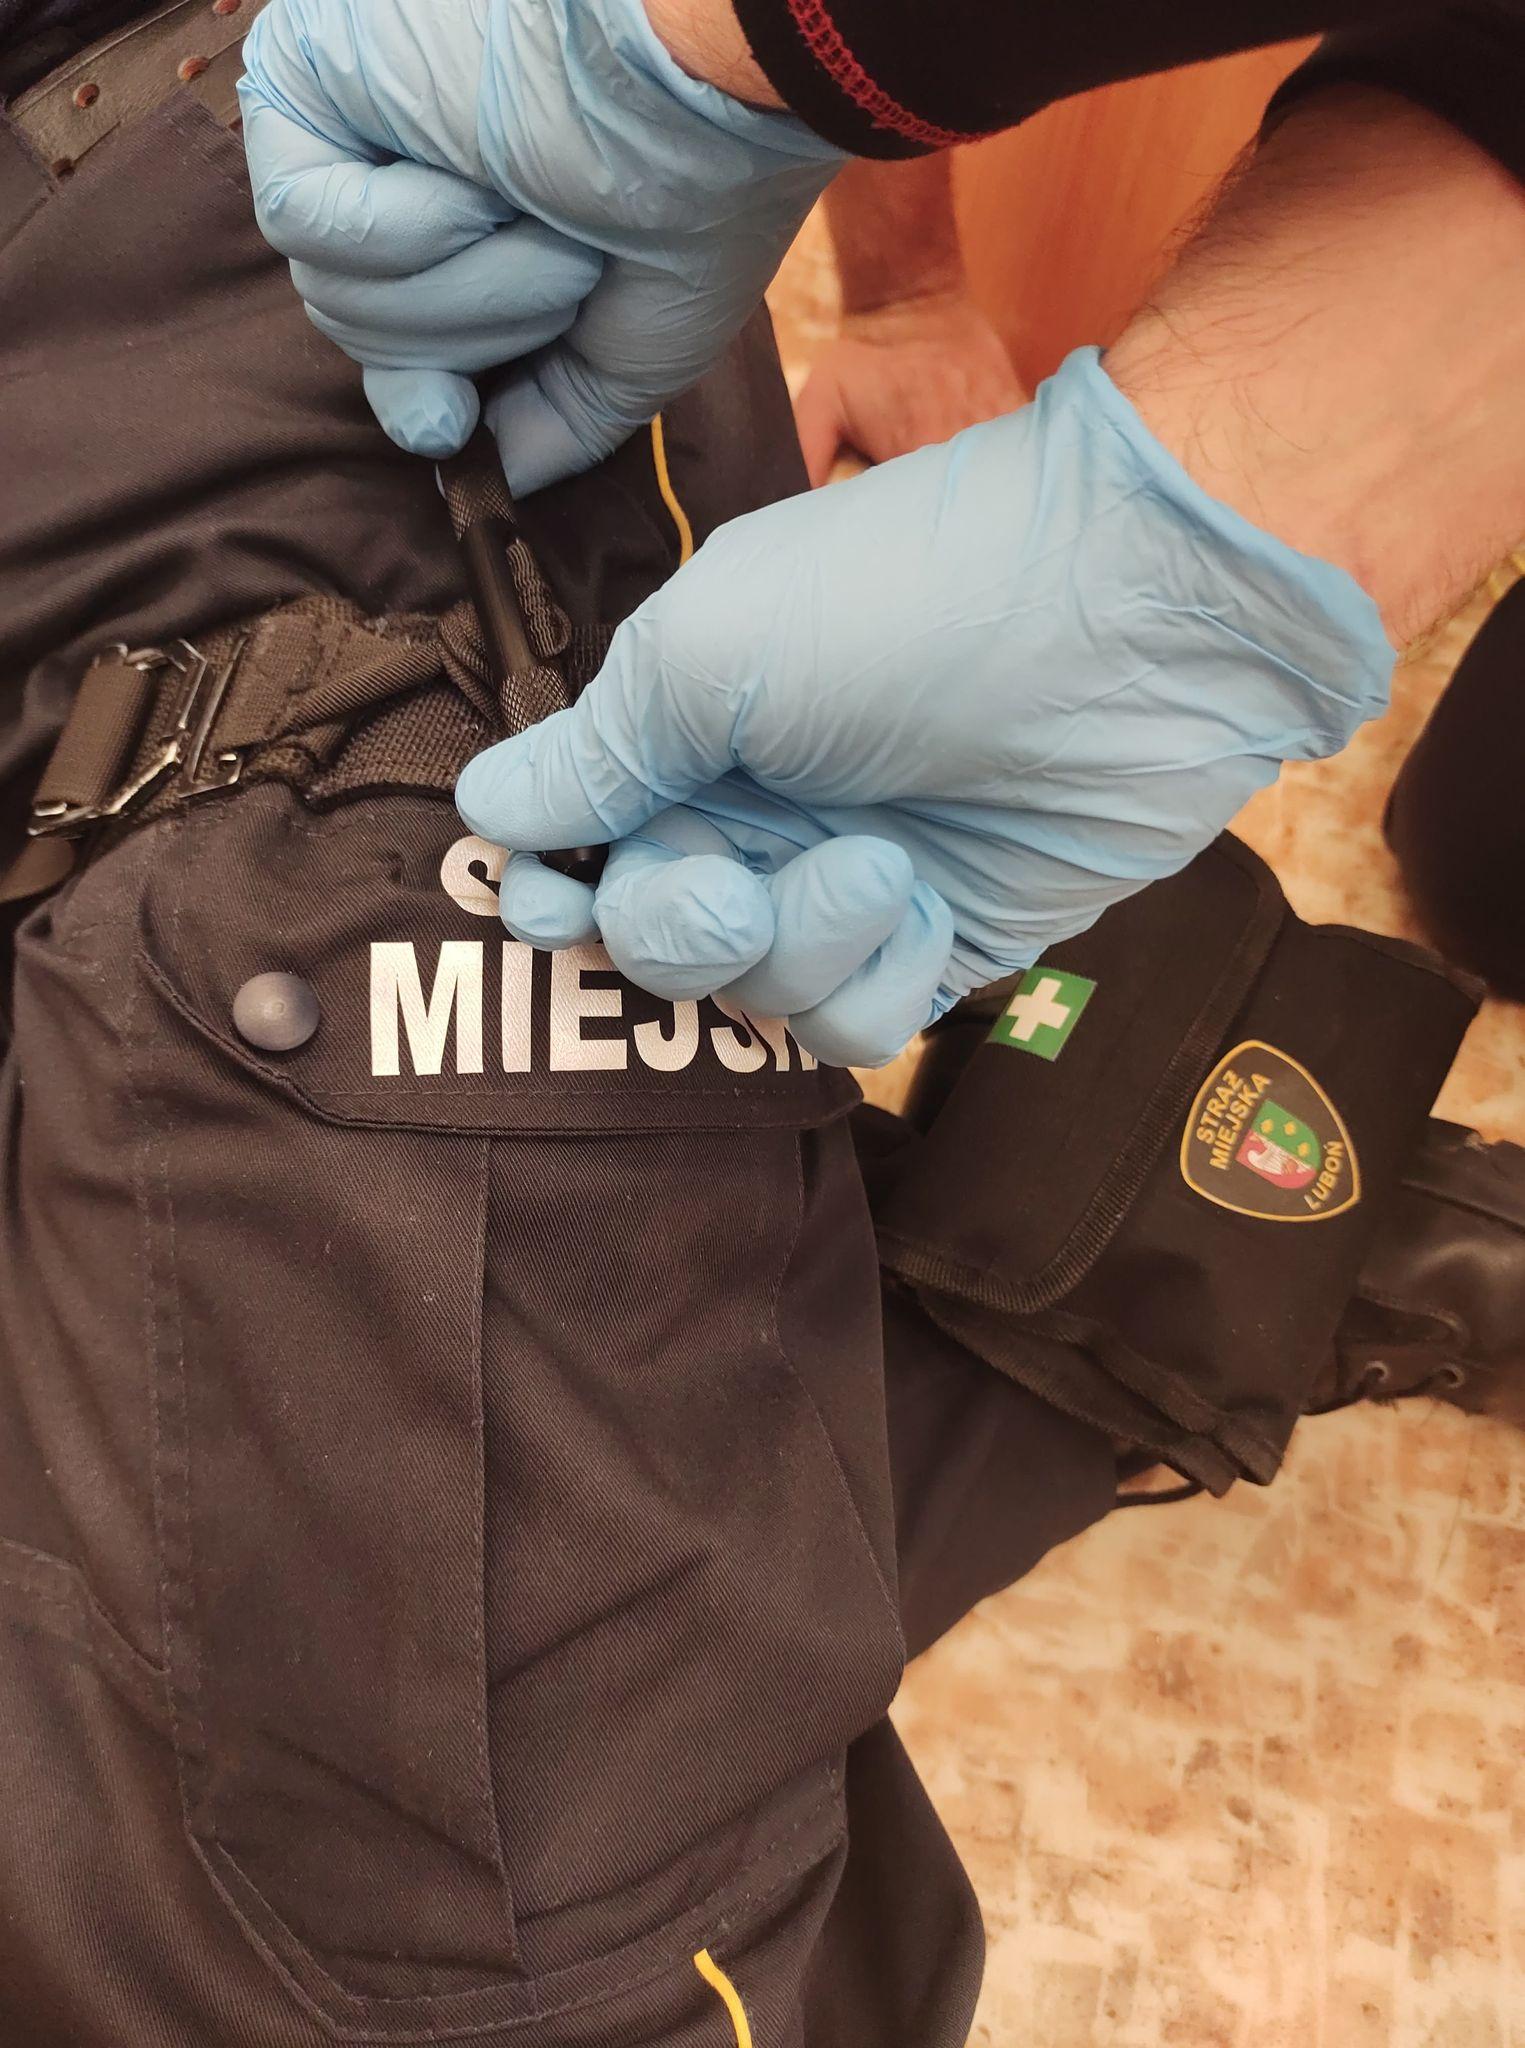 Zdjęcie przedstawia strażnika używającego opaskę uciskową - stazę